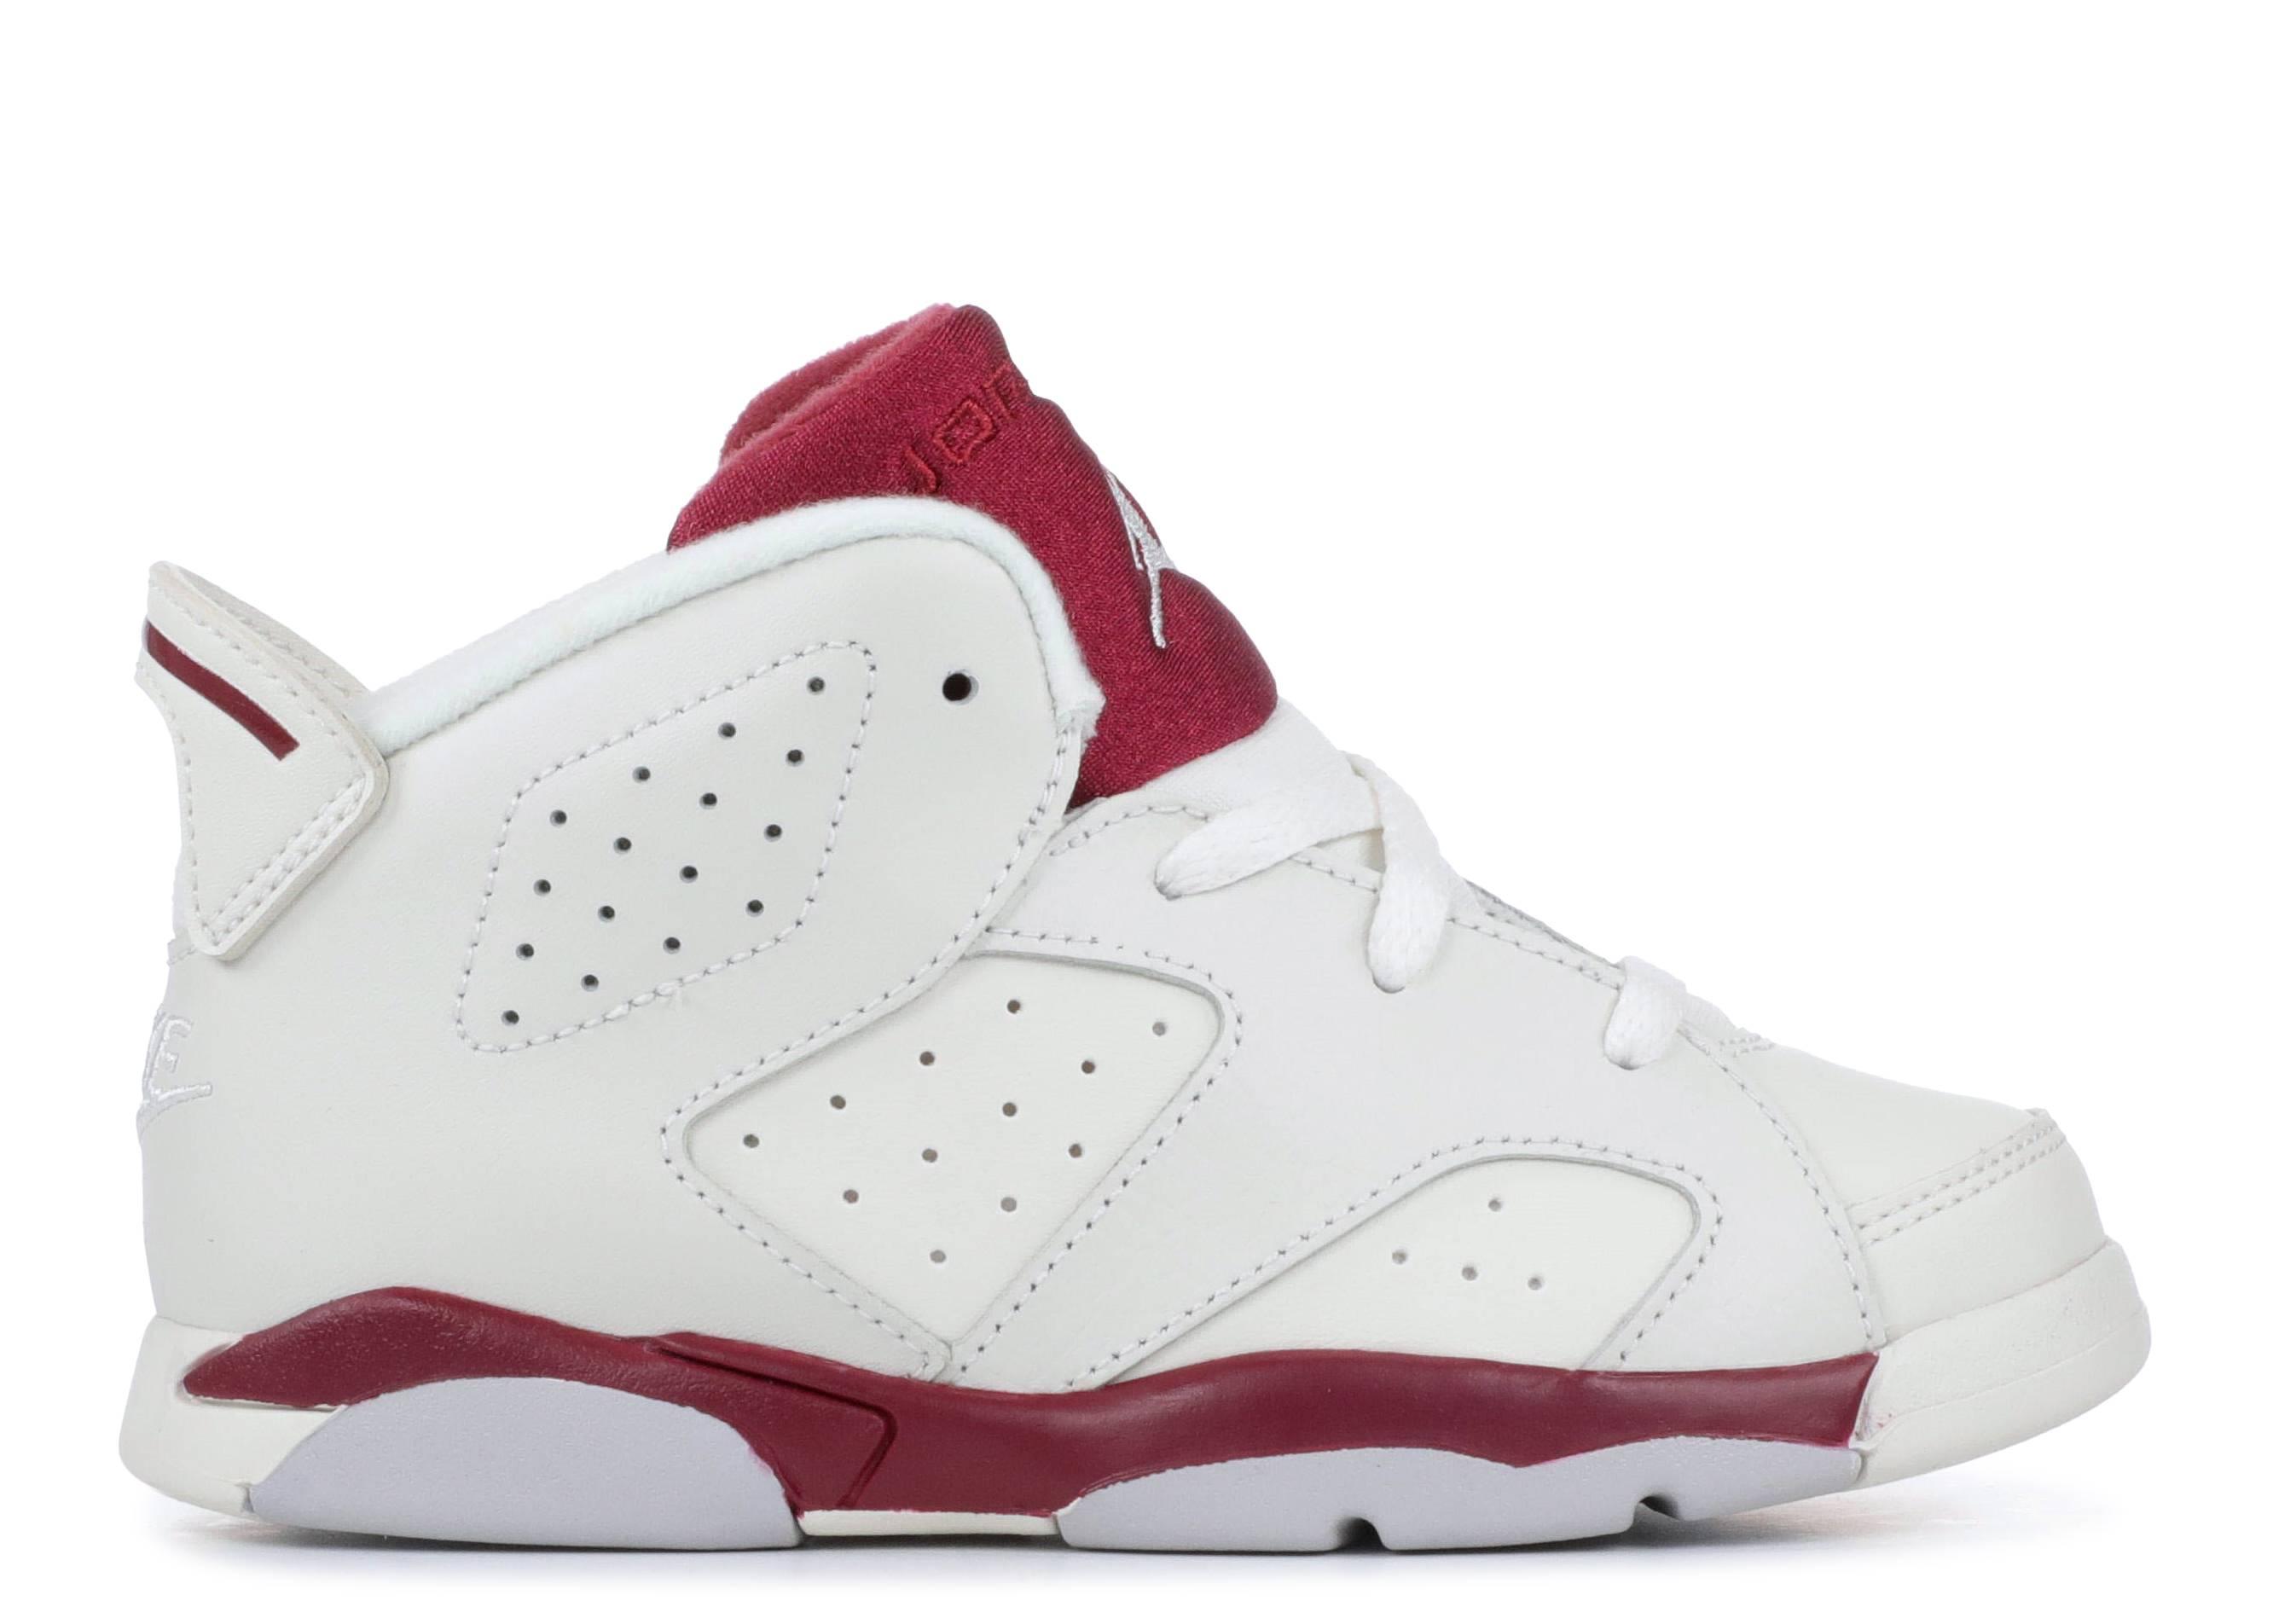 623589635d2a Jordan 6 Retro Bt